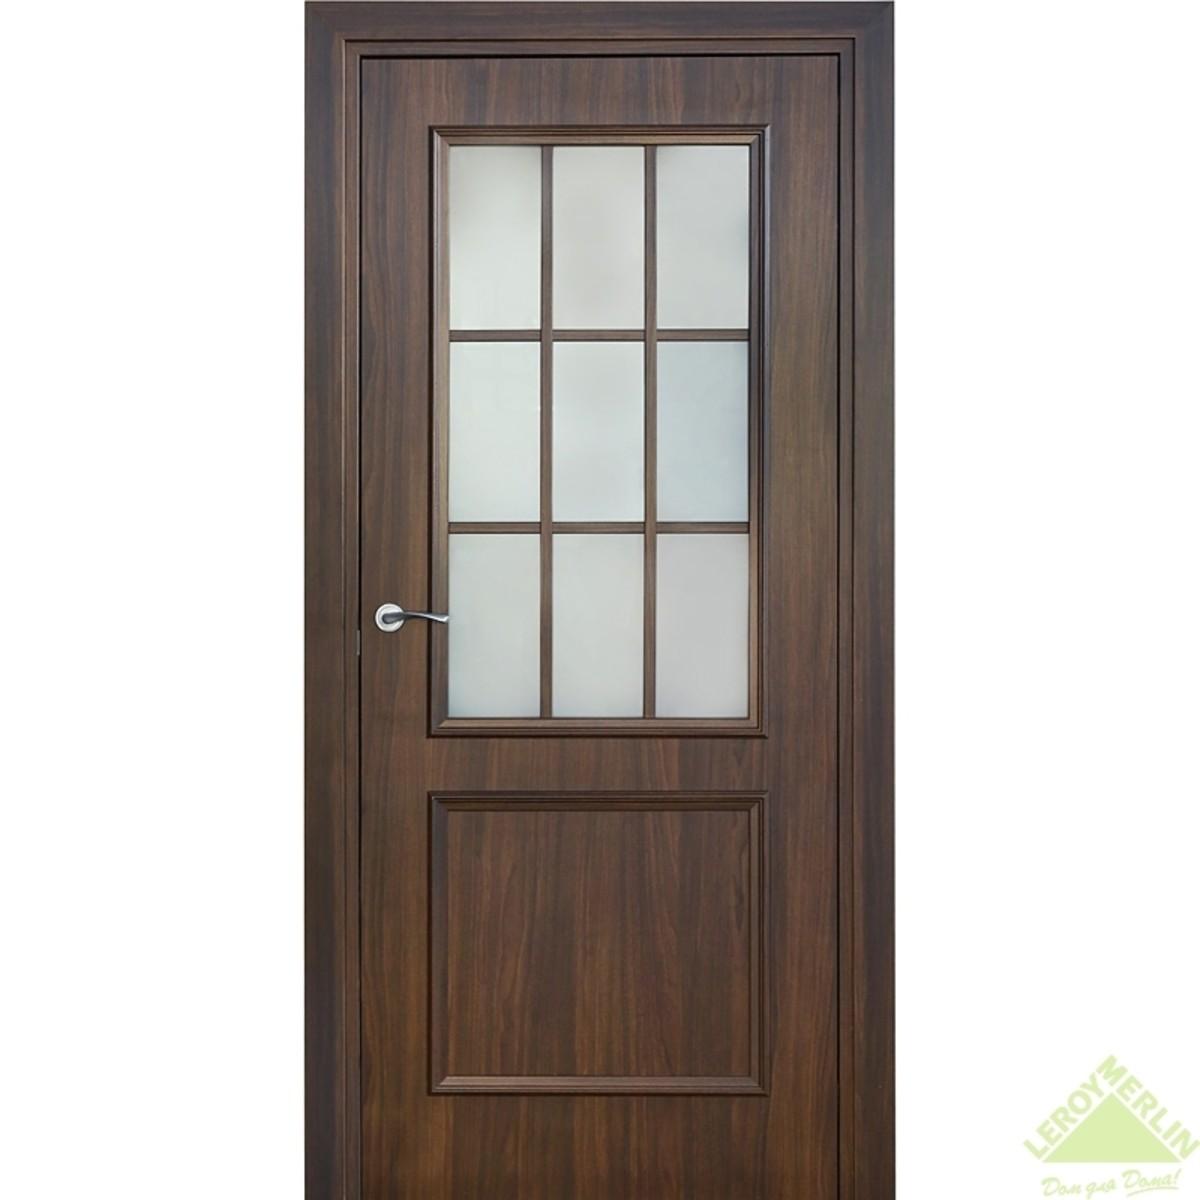 Дверь межкомнатная остеклённая Альтро 819 600x2000 мм орех марроне